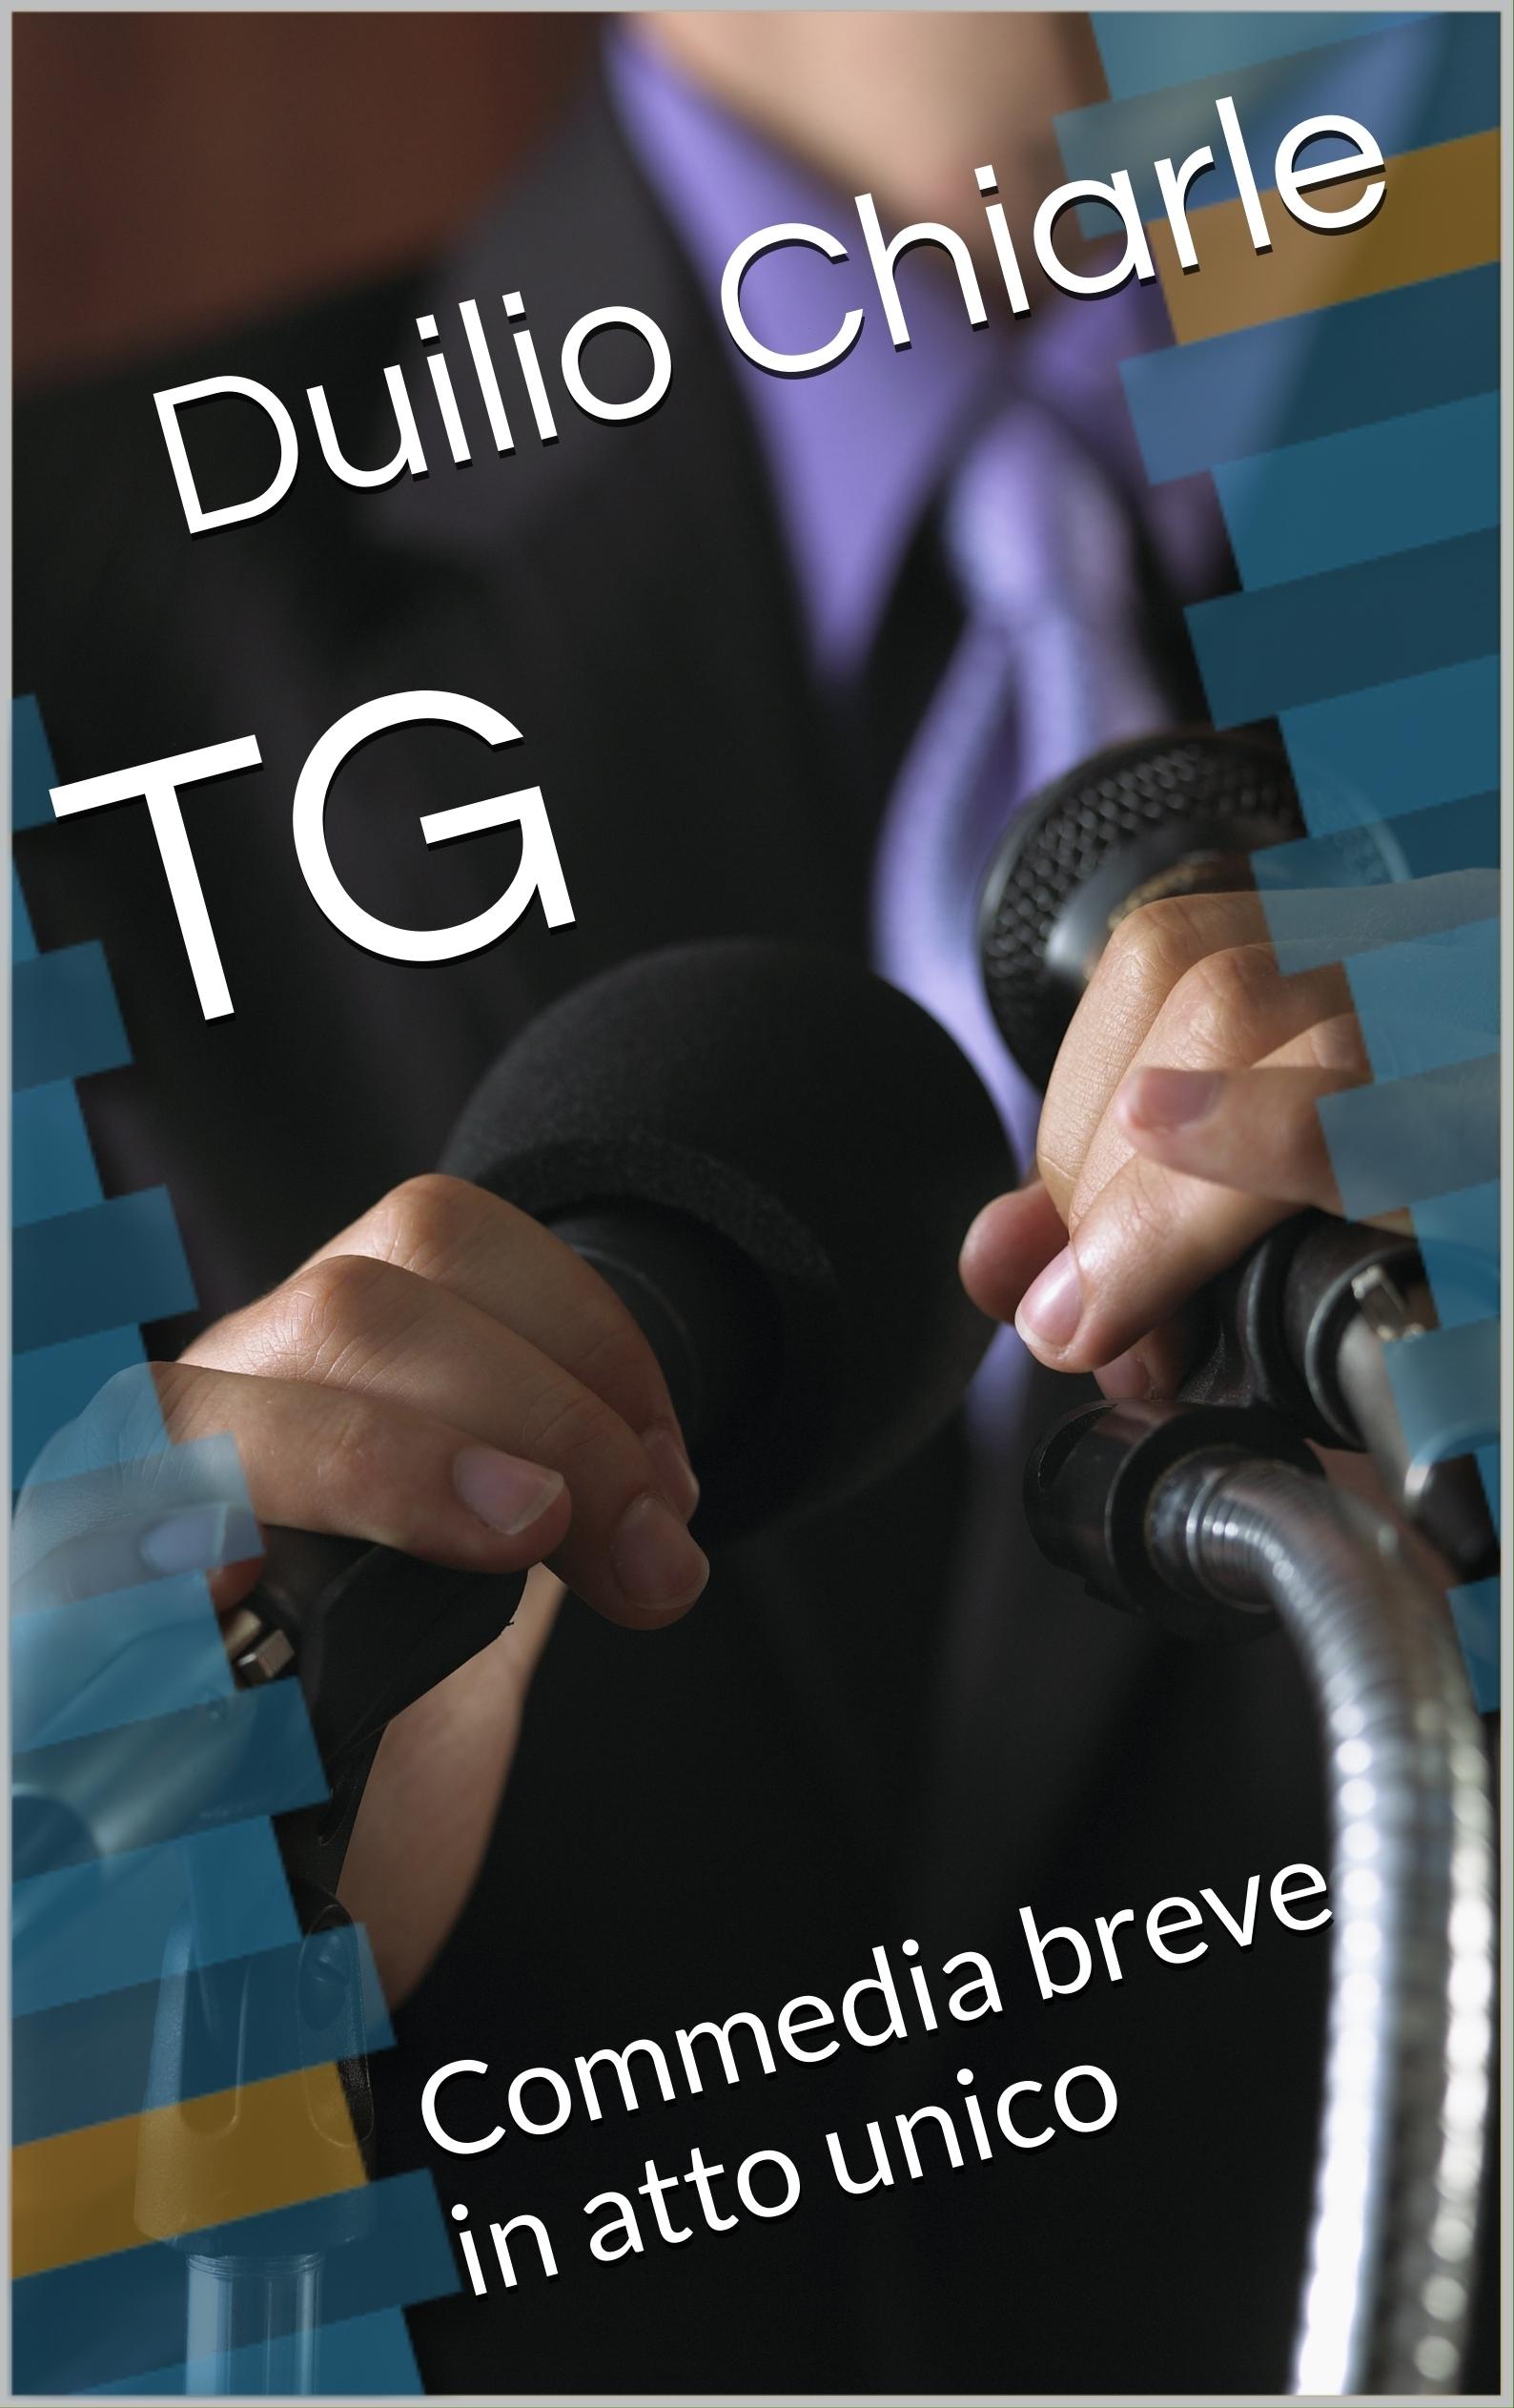 TG: Commedia breve in atto unico  by  Duilio Chiarle